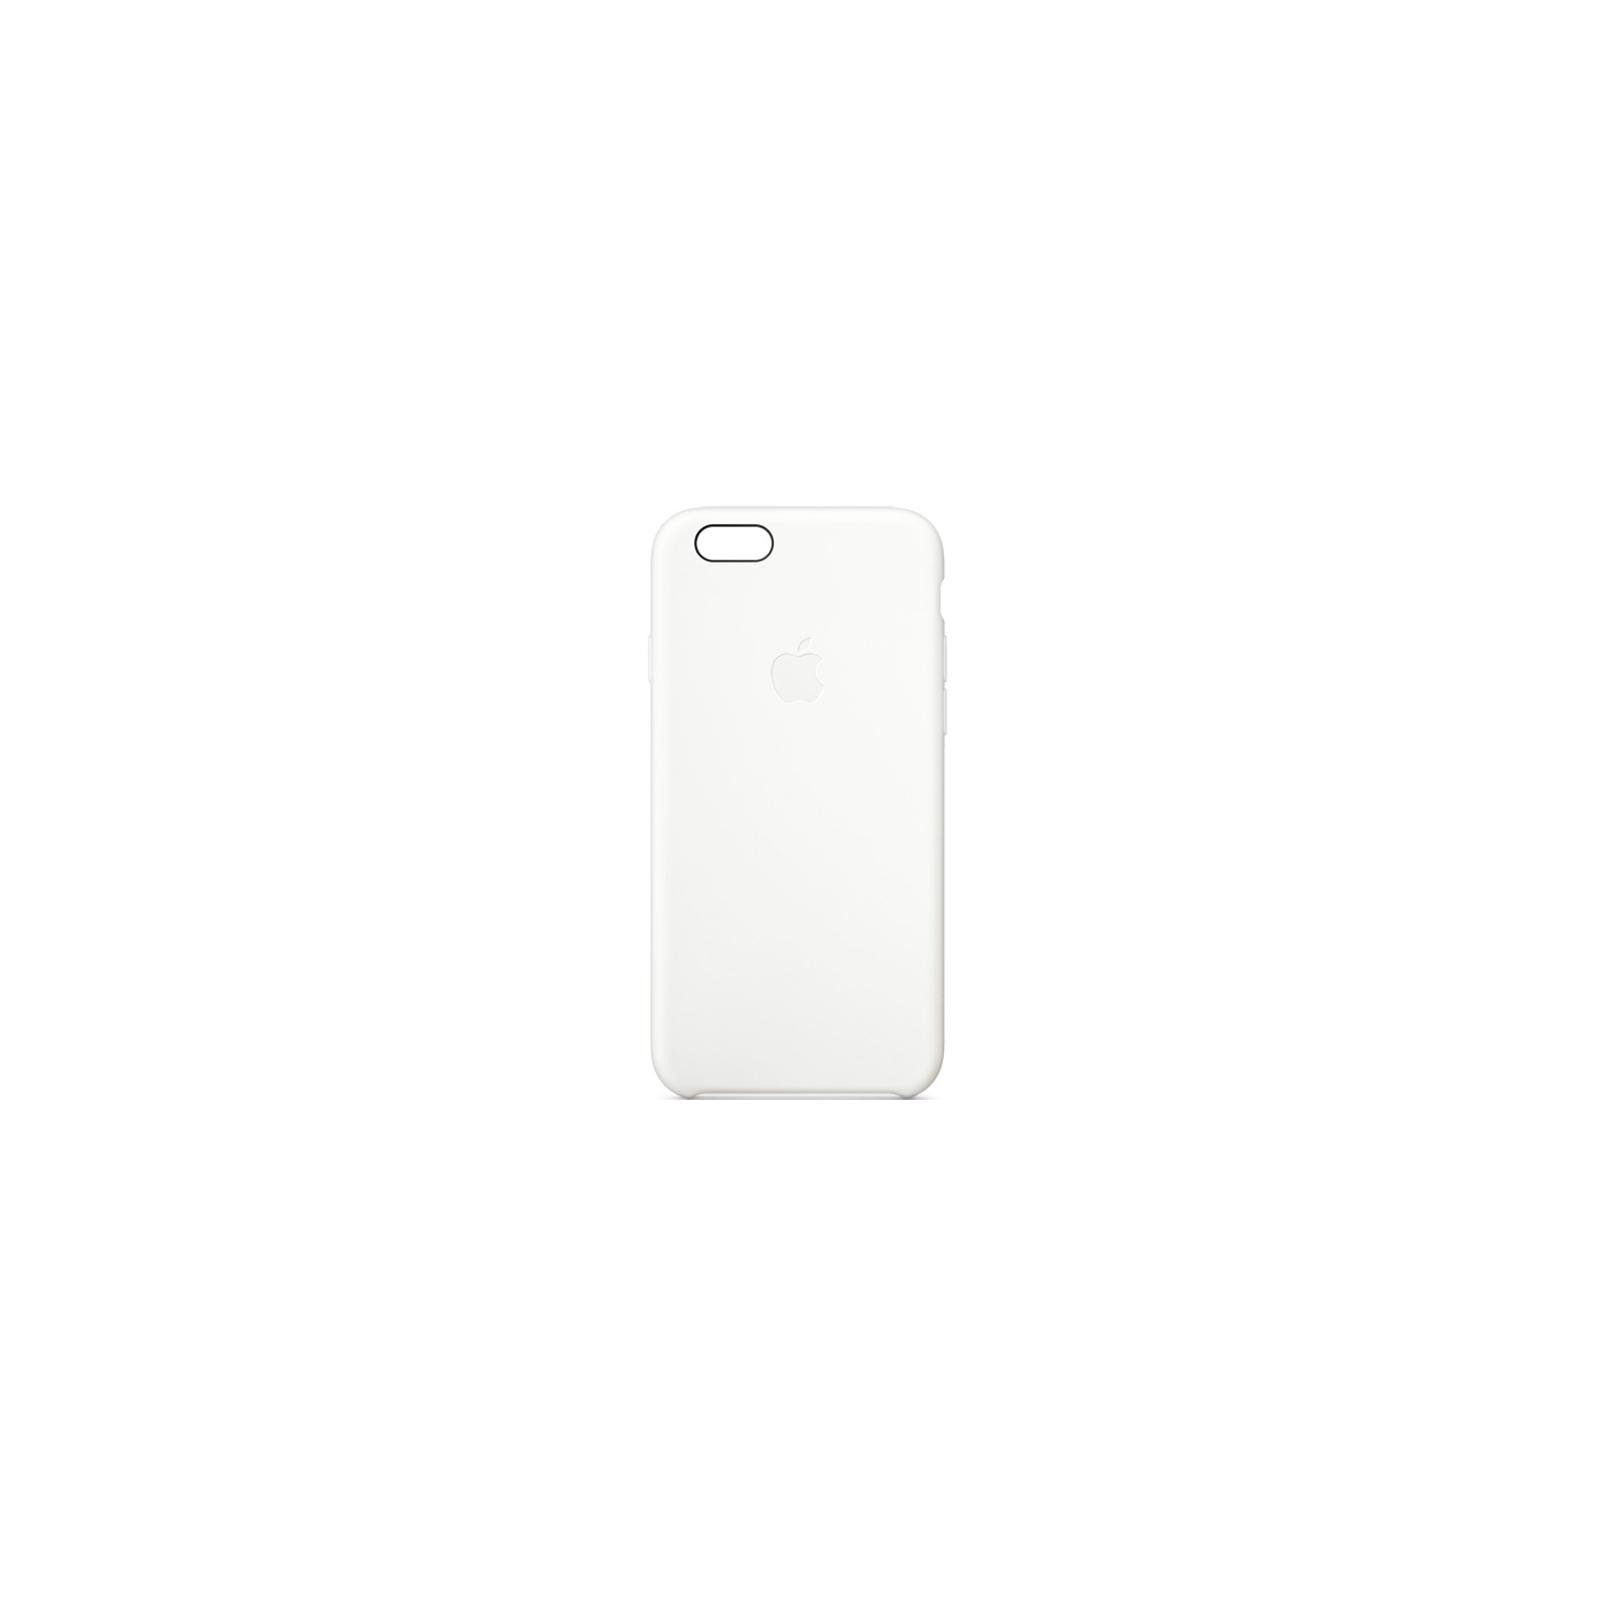 Чехол для моб. телефона Apple для iPhone 6 /white (MGRF2ZM/A)